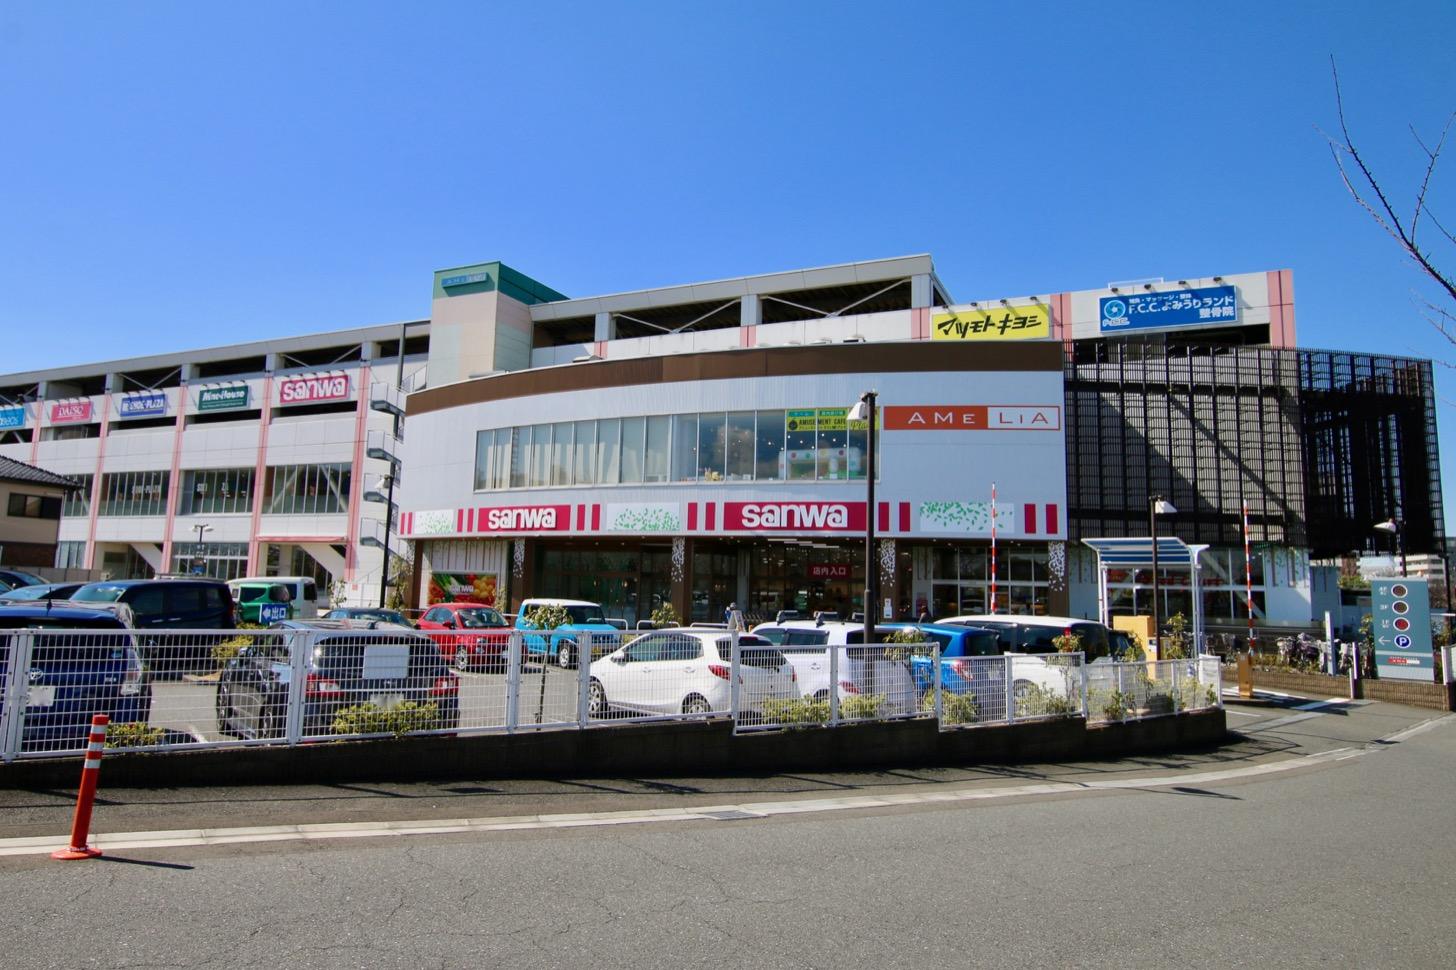 アメリア稲城ショッピングセンター